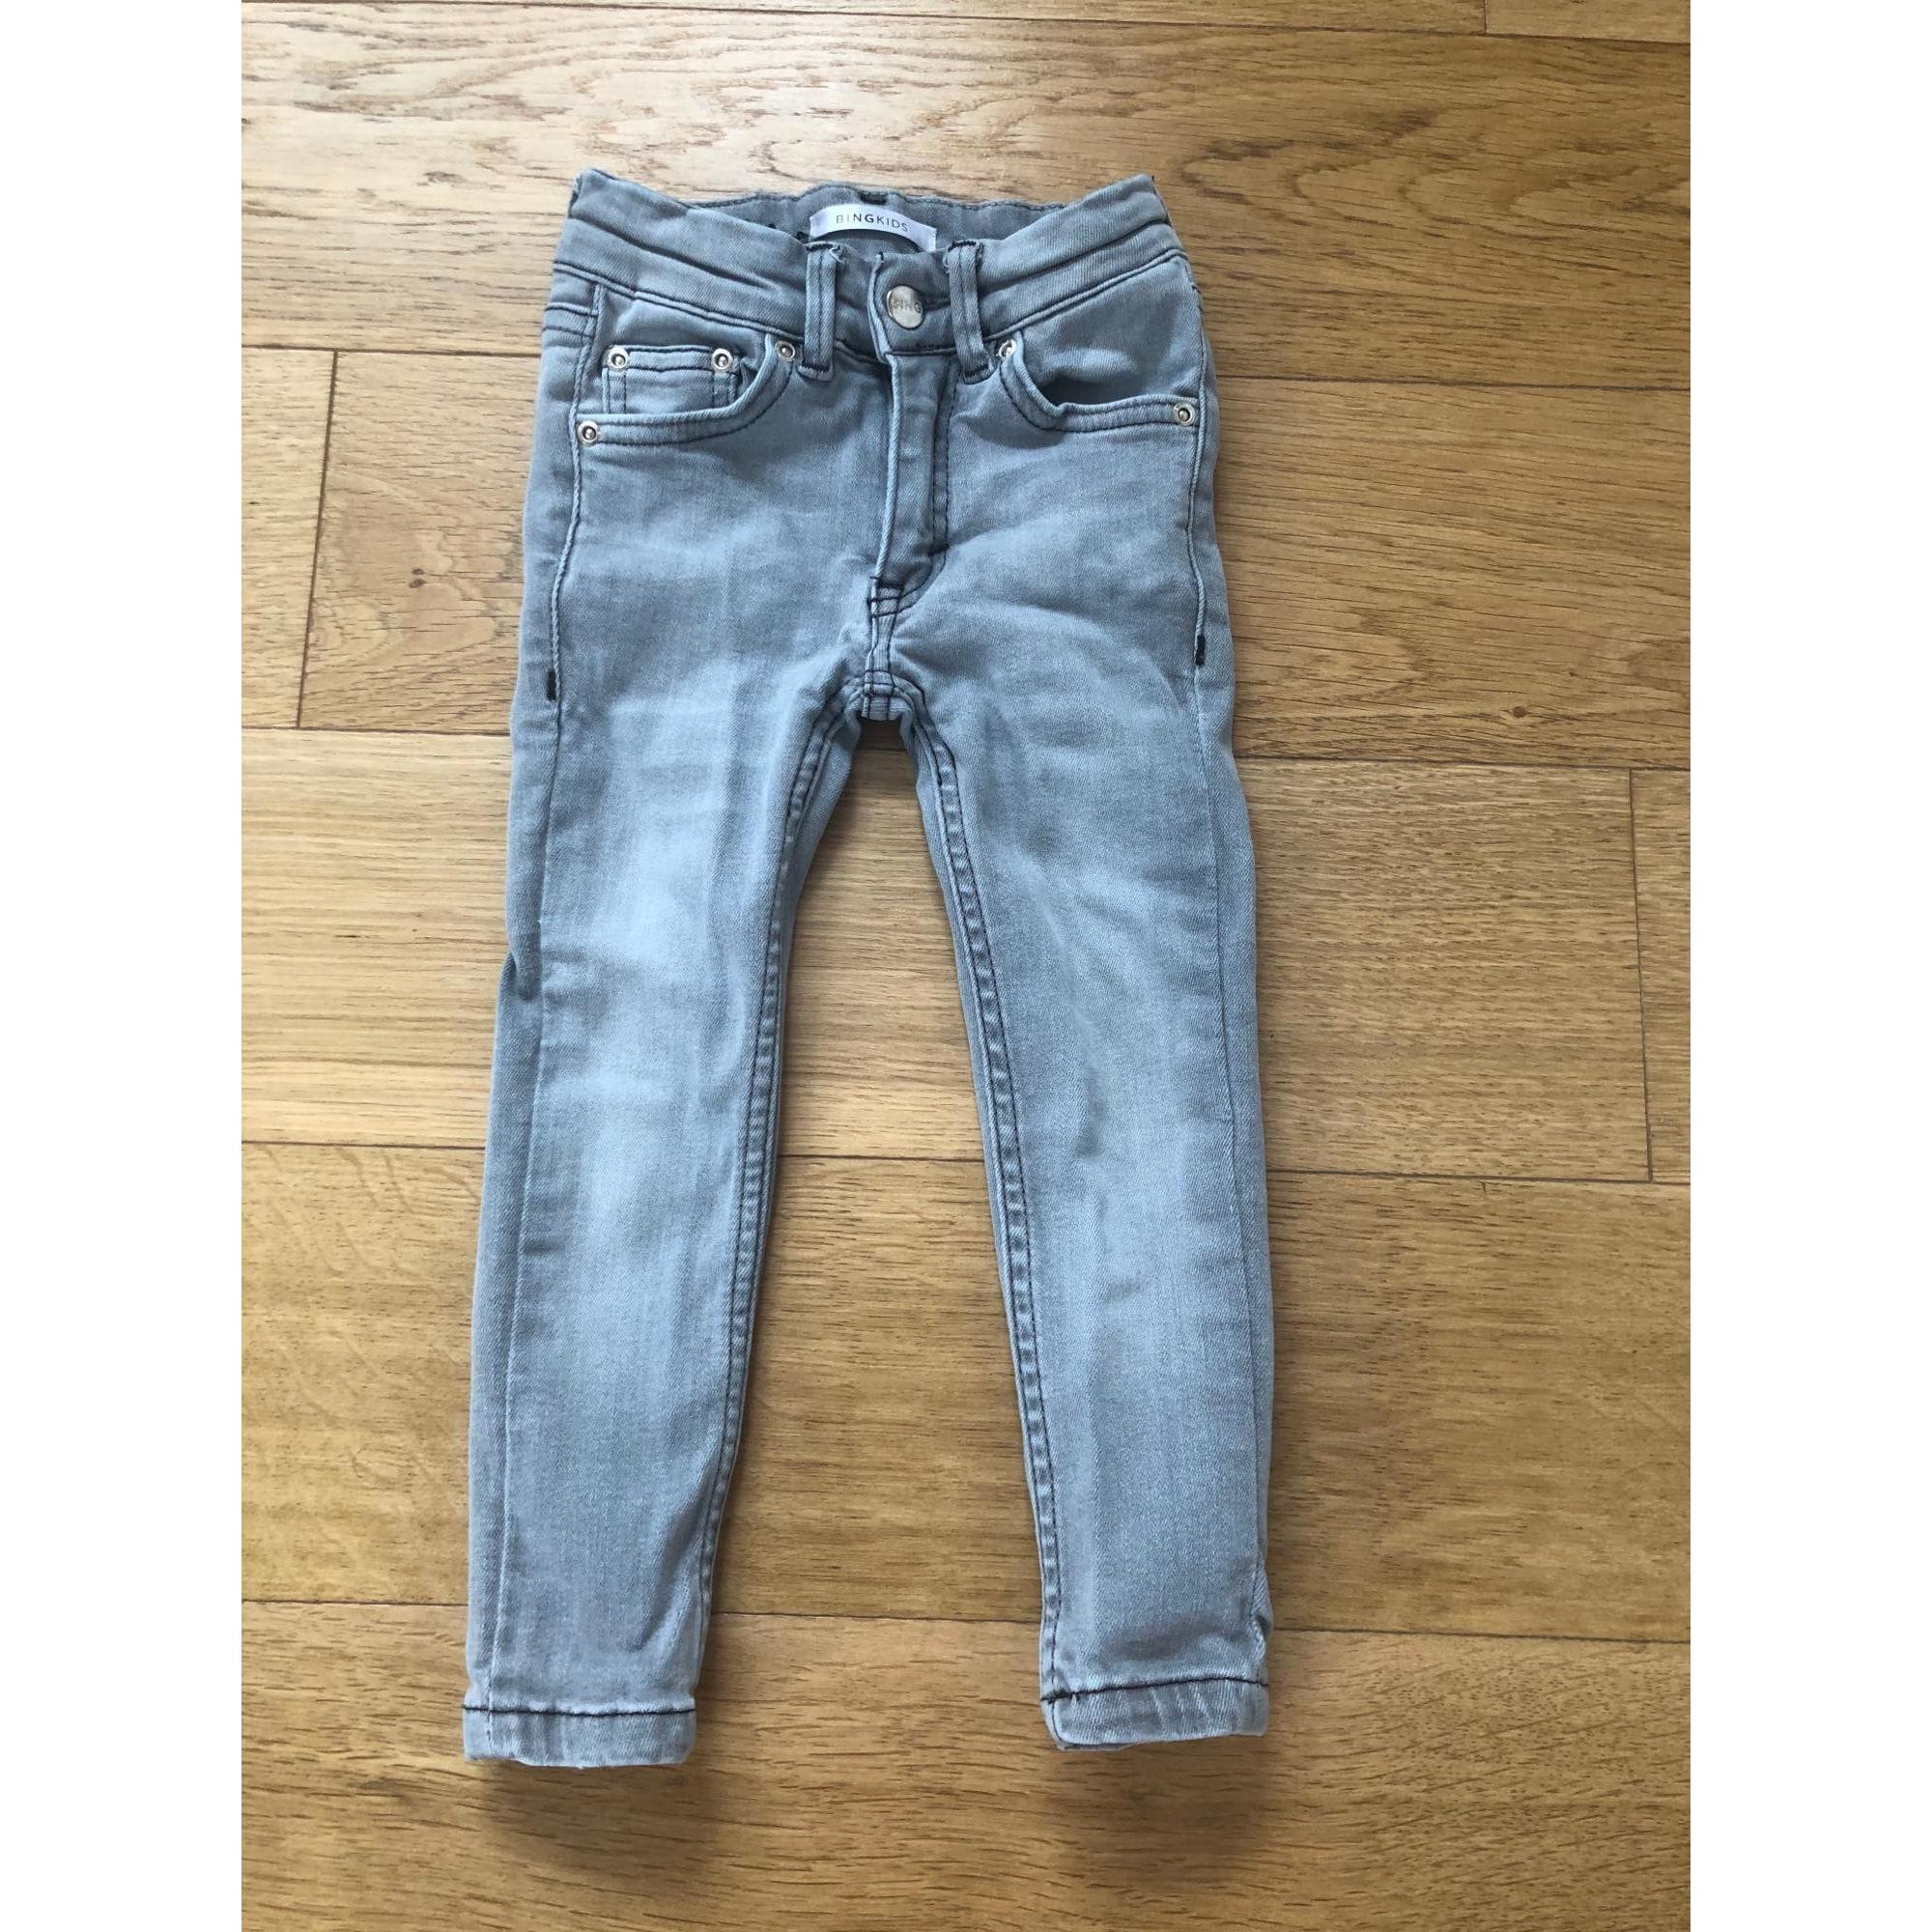 Pantalon ANINE BING Gris, anthracite